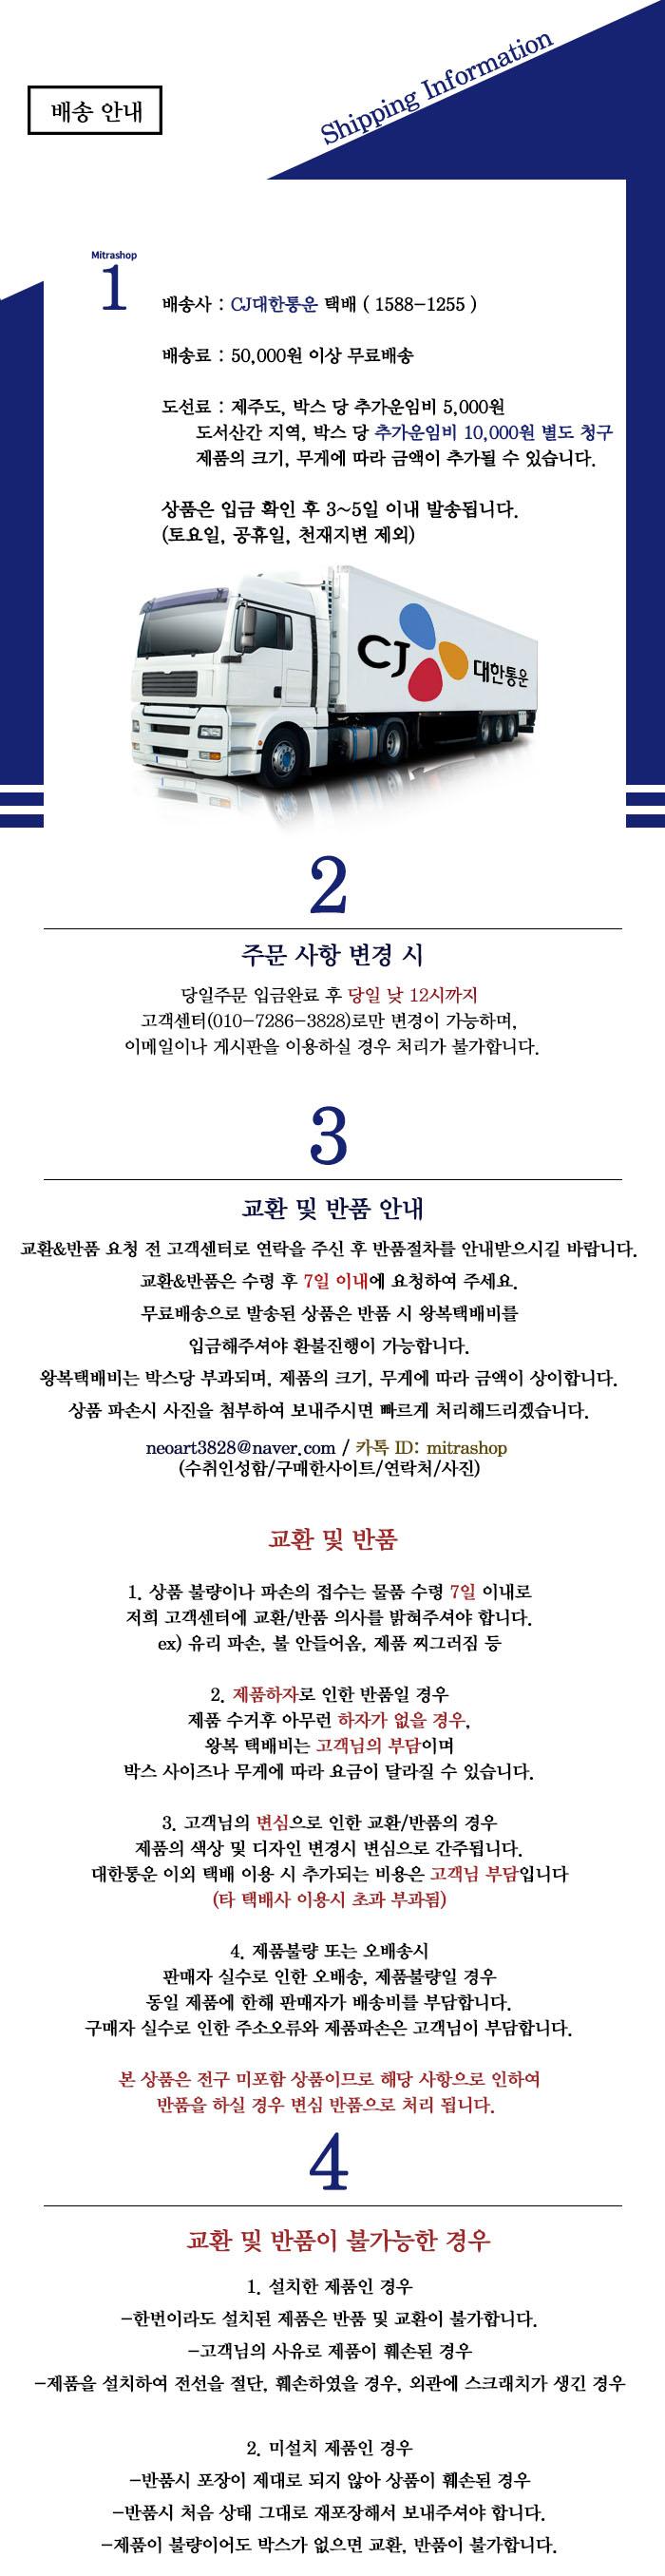 호롱 테이블 스탠드54,900원-미트라샵가구/조명, 조명, 테이블 조명, 모던바보사랑호롱 테이블 스탠드54,900원-미트라샵가구/조명, 조명, 테이블 조명, 모던바보사랑